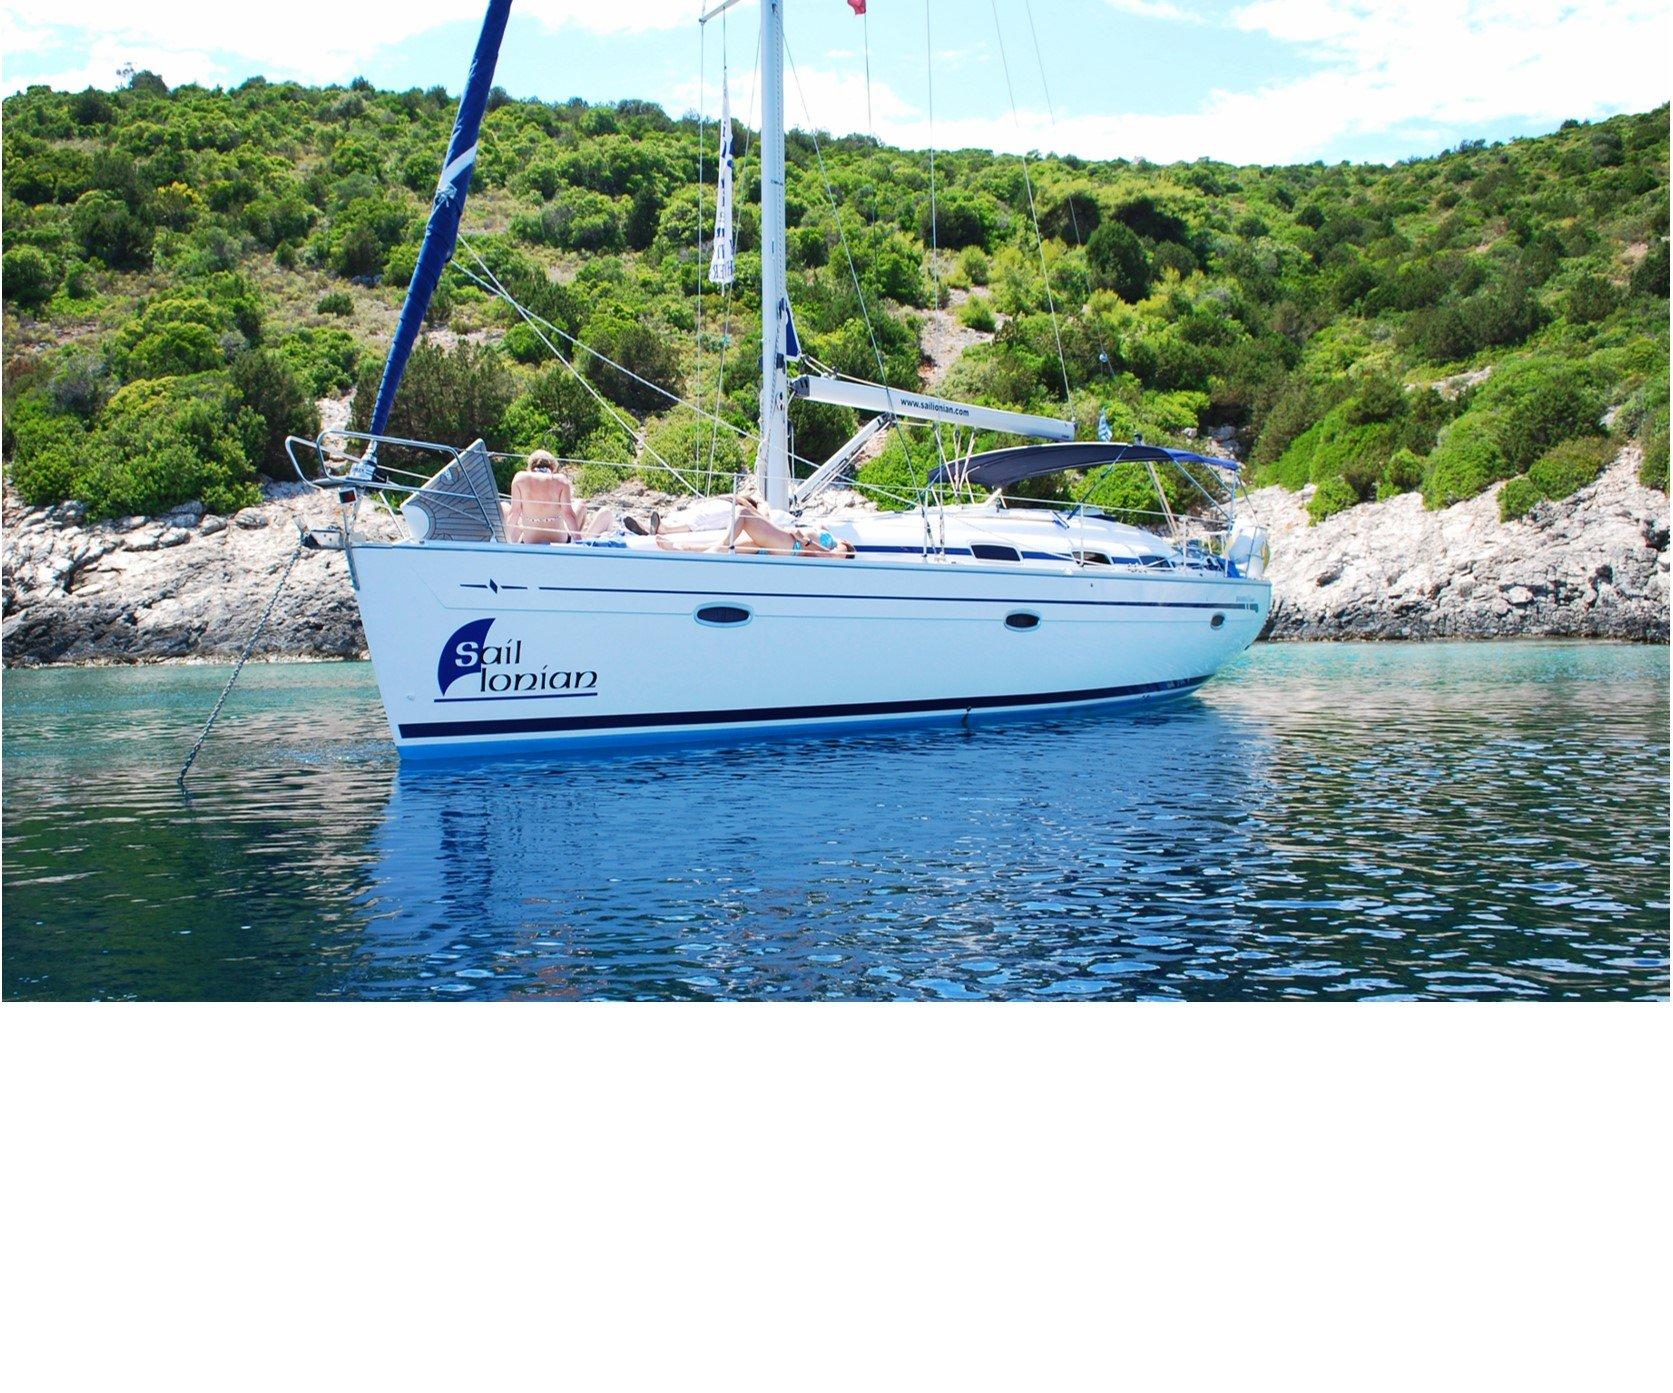 Sail Ionian Yacht Bavaria 39